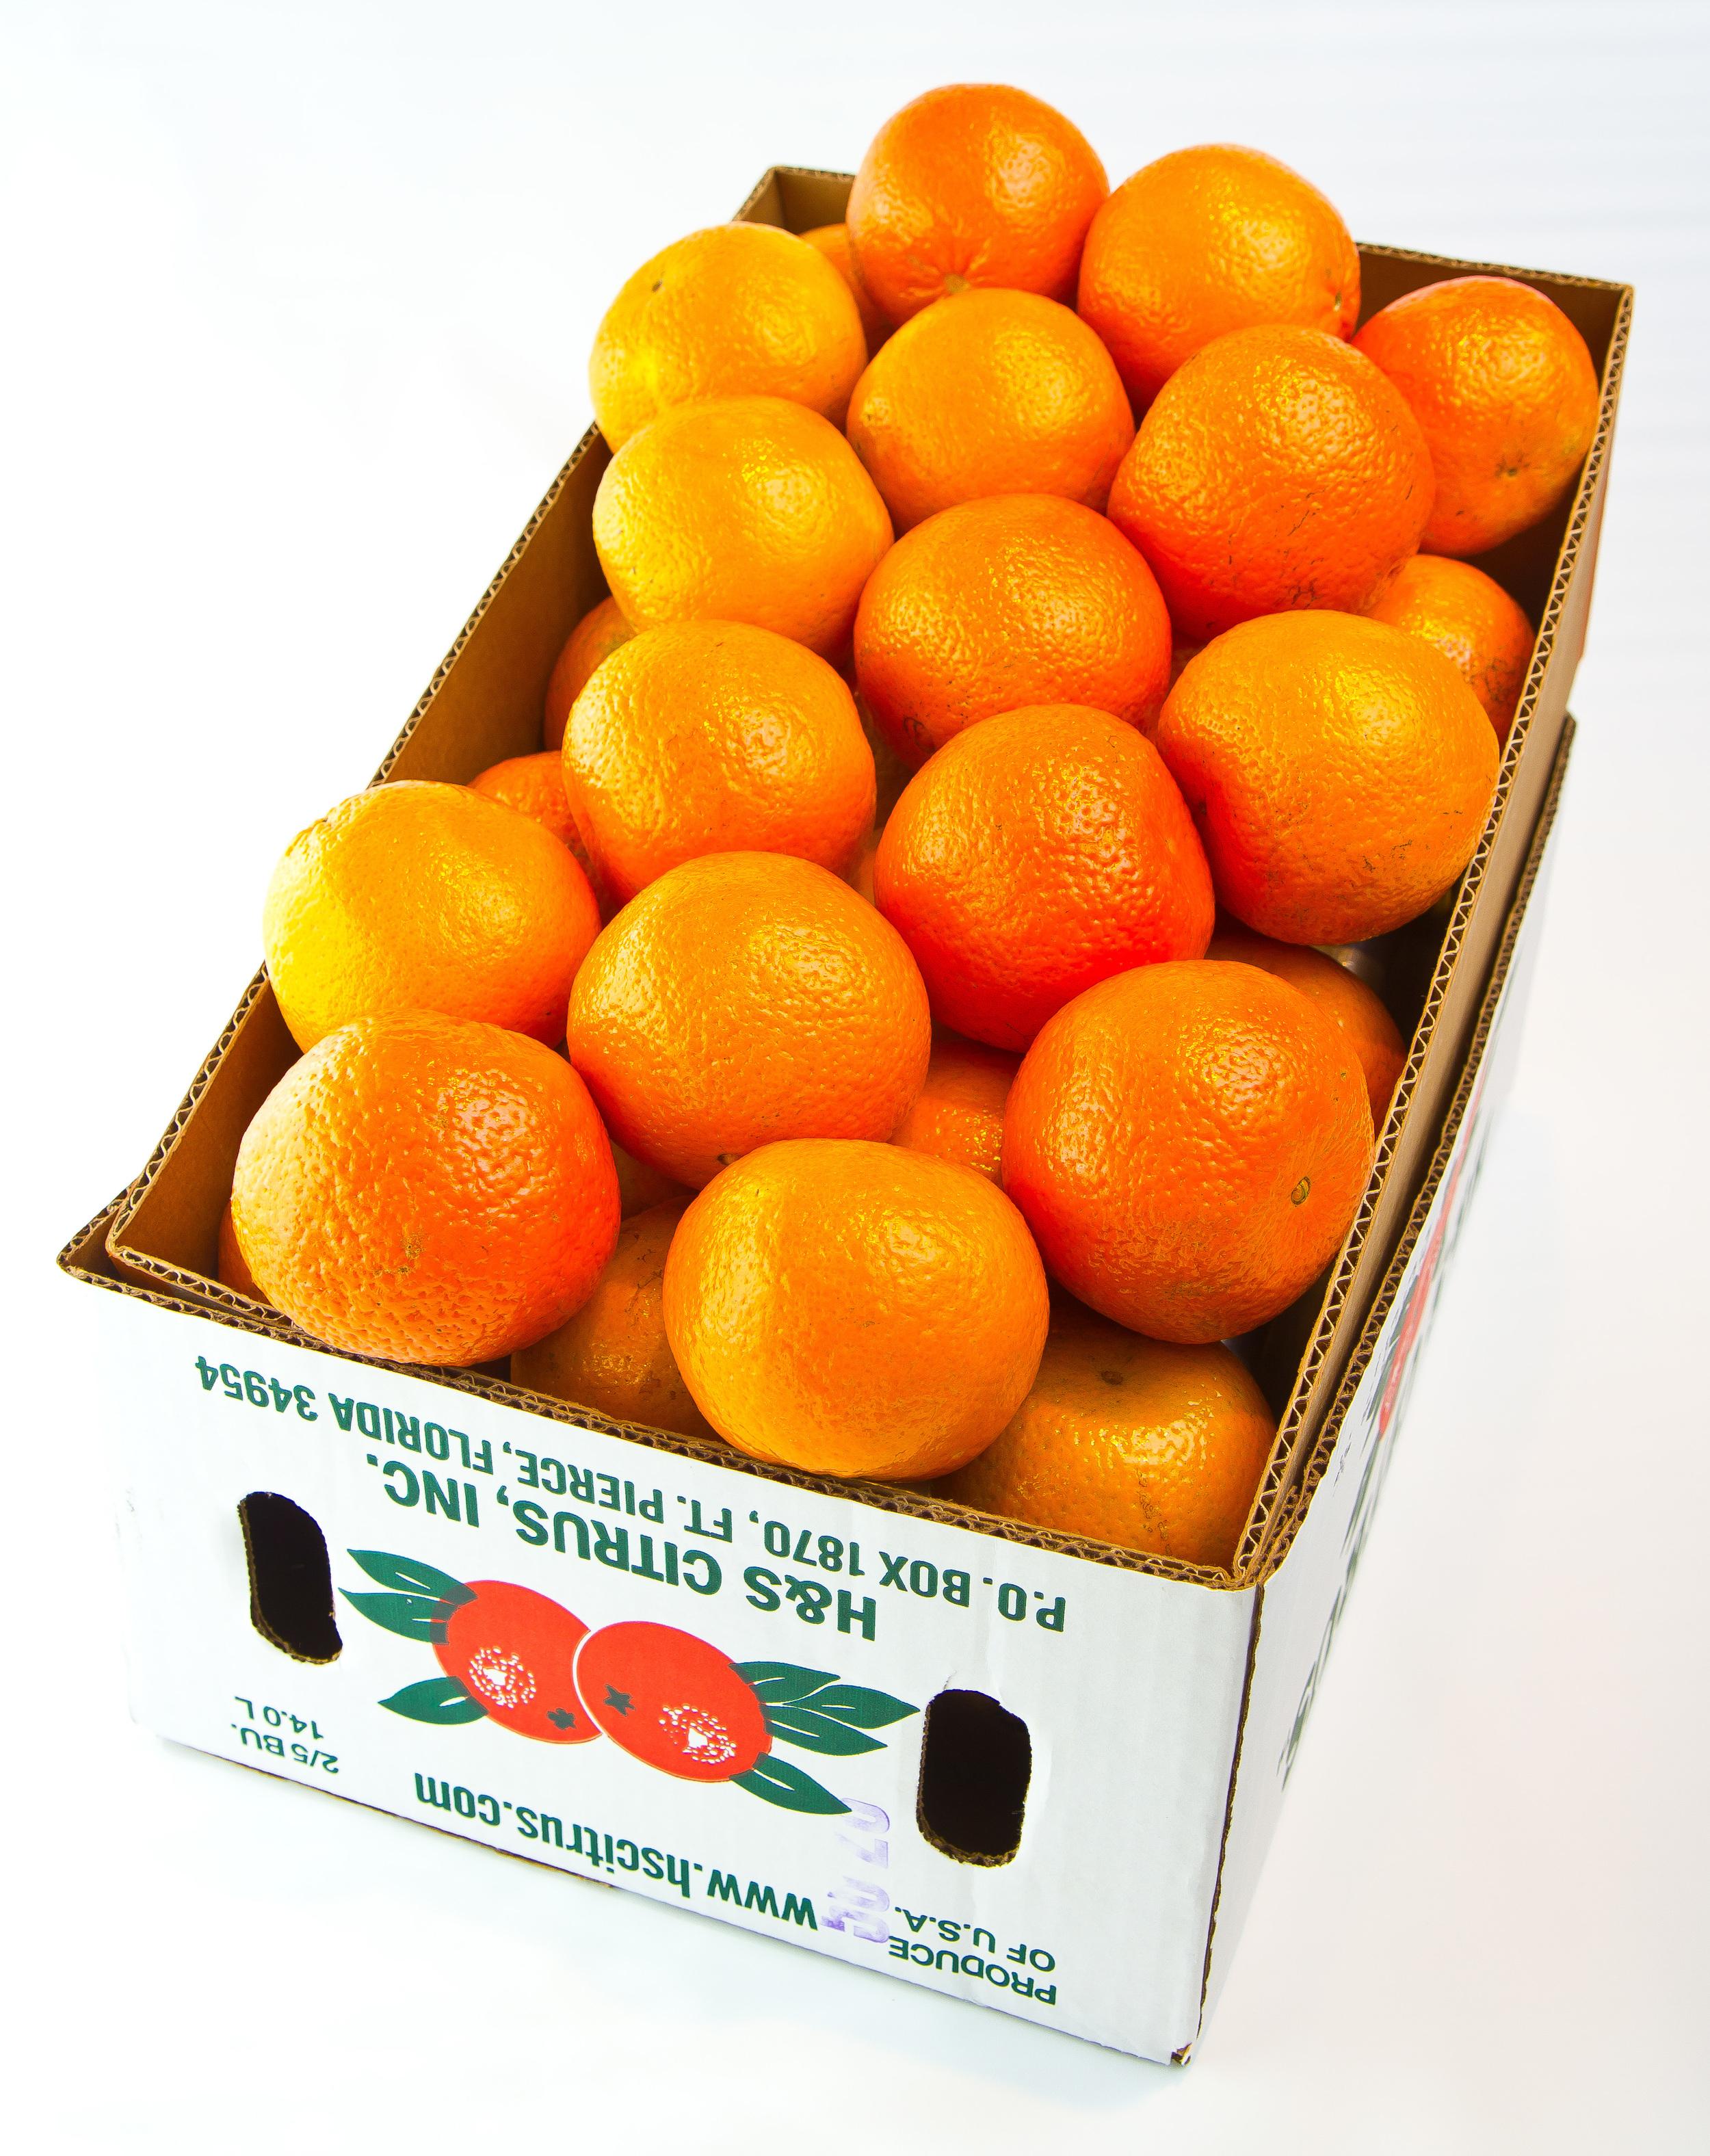 Temple oranges, H & S Citrus